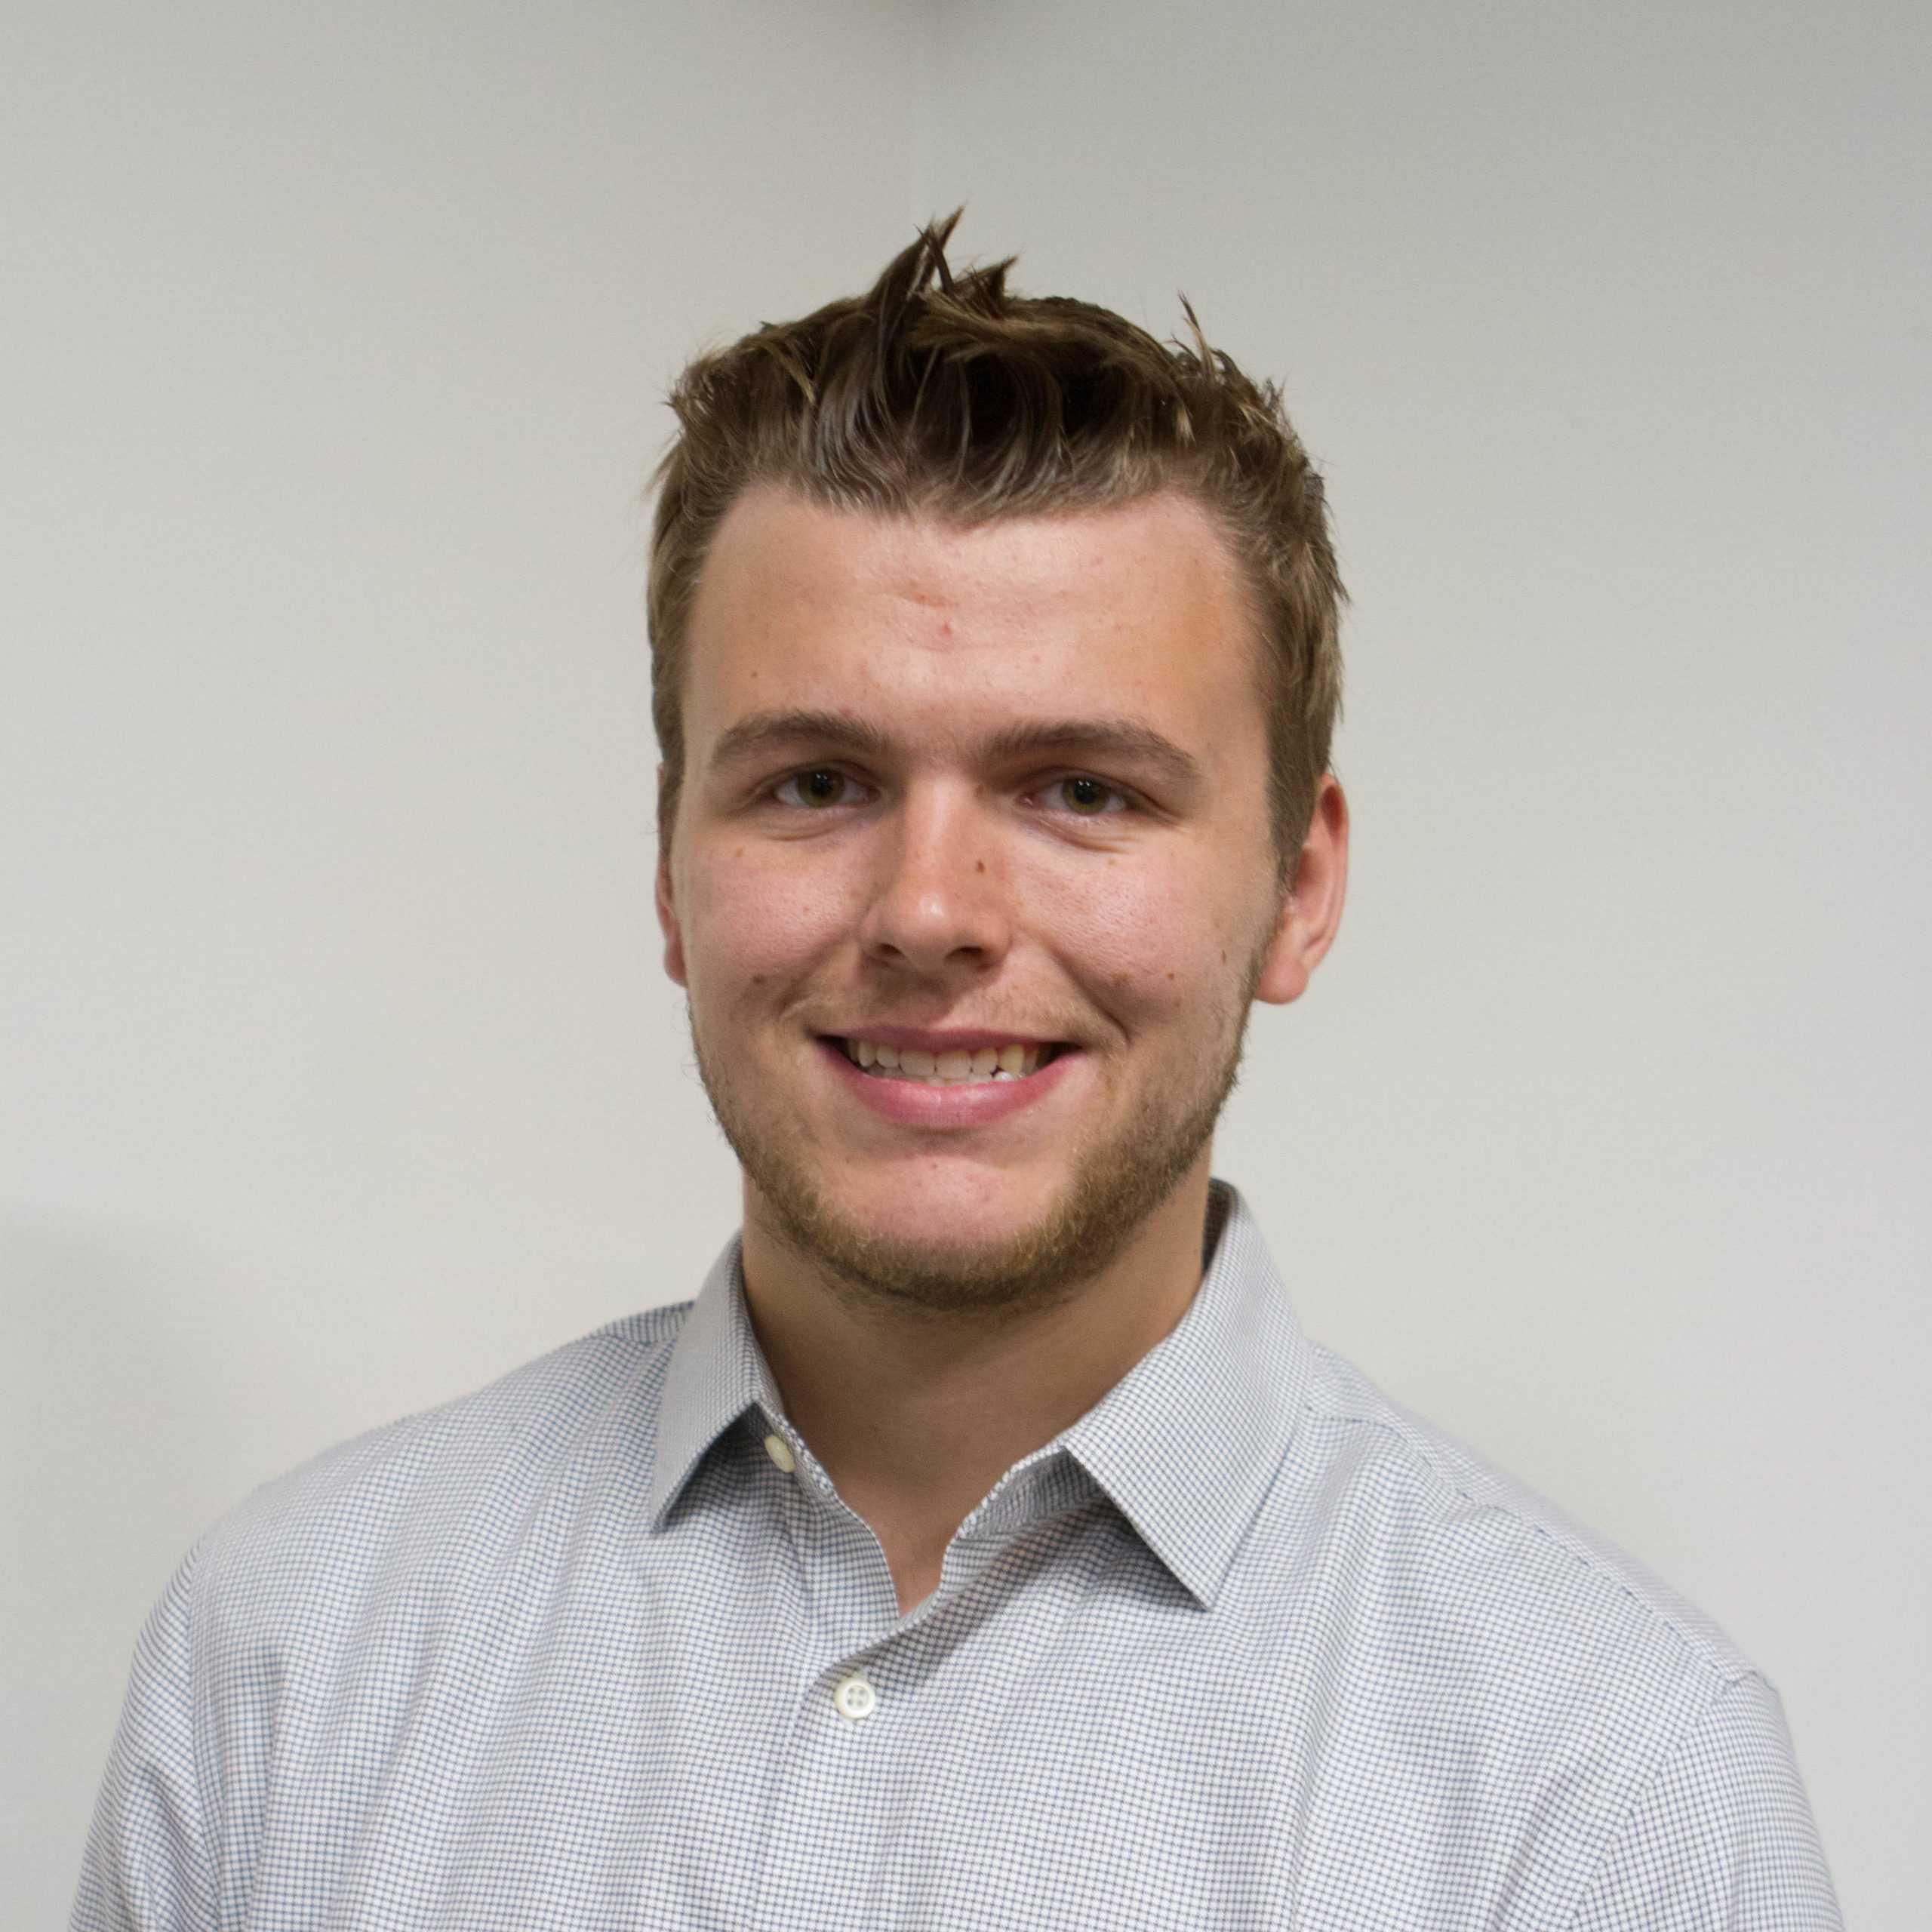 Andrew Van Heusden : Editor, The Skiff